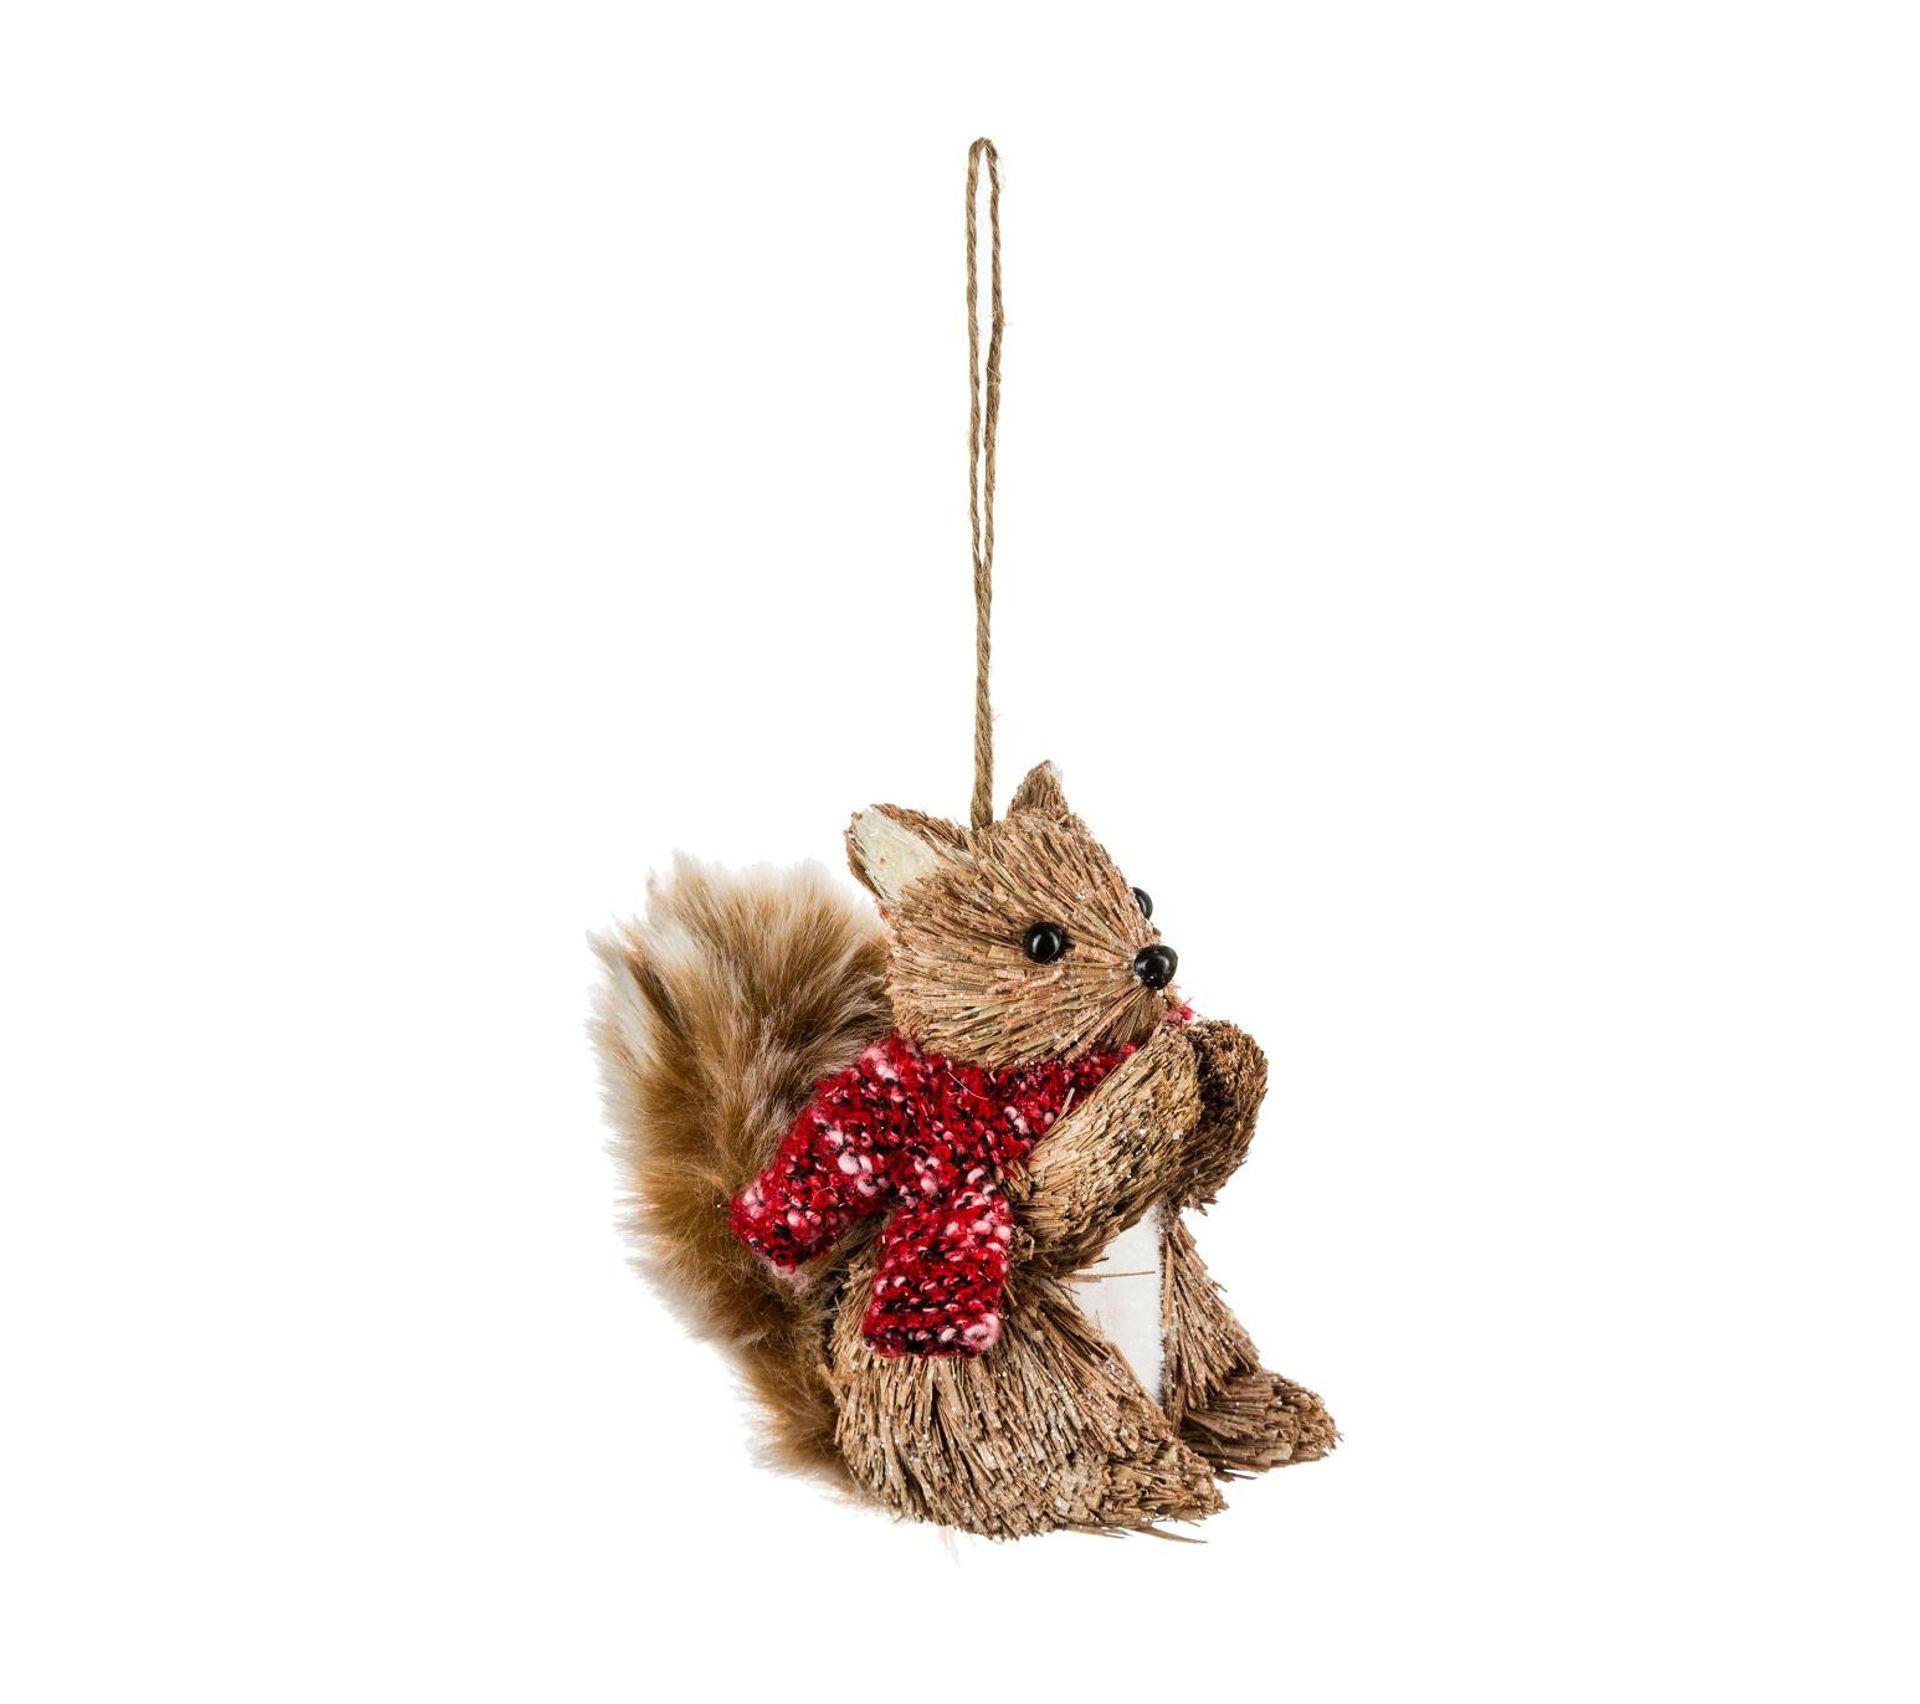 Paille De Fer Souris décoration sujet de noël animal en paille pailletée avec Écharpe rouge h 10  cm comptoir de noël